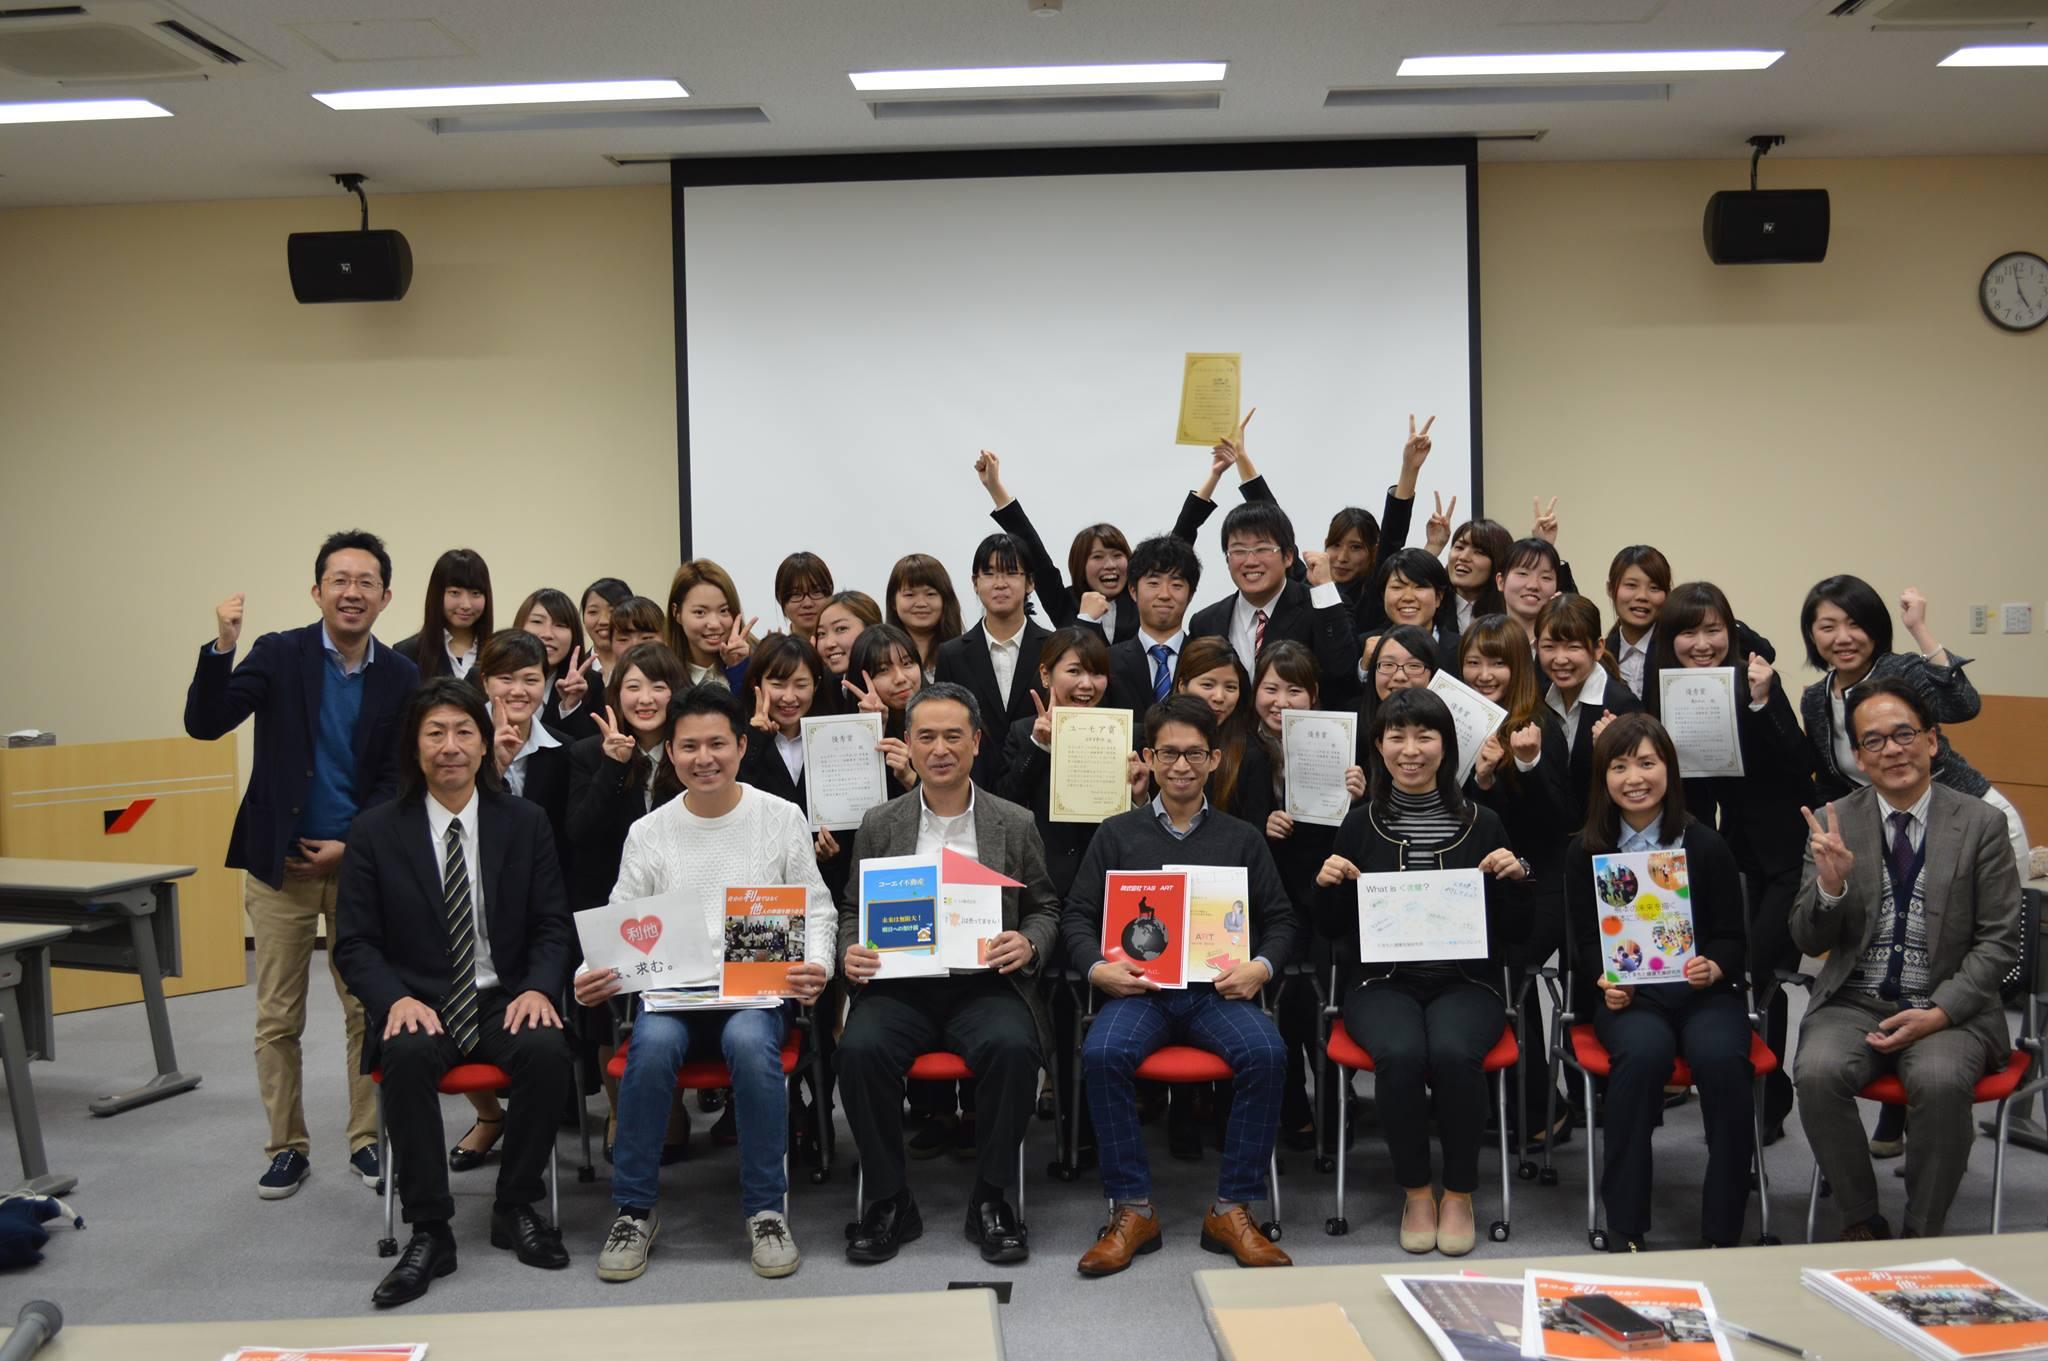 熊本日日新聞に、県立大・尚絅大での取り組みの記事が掲載されました